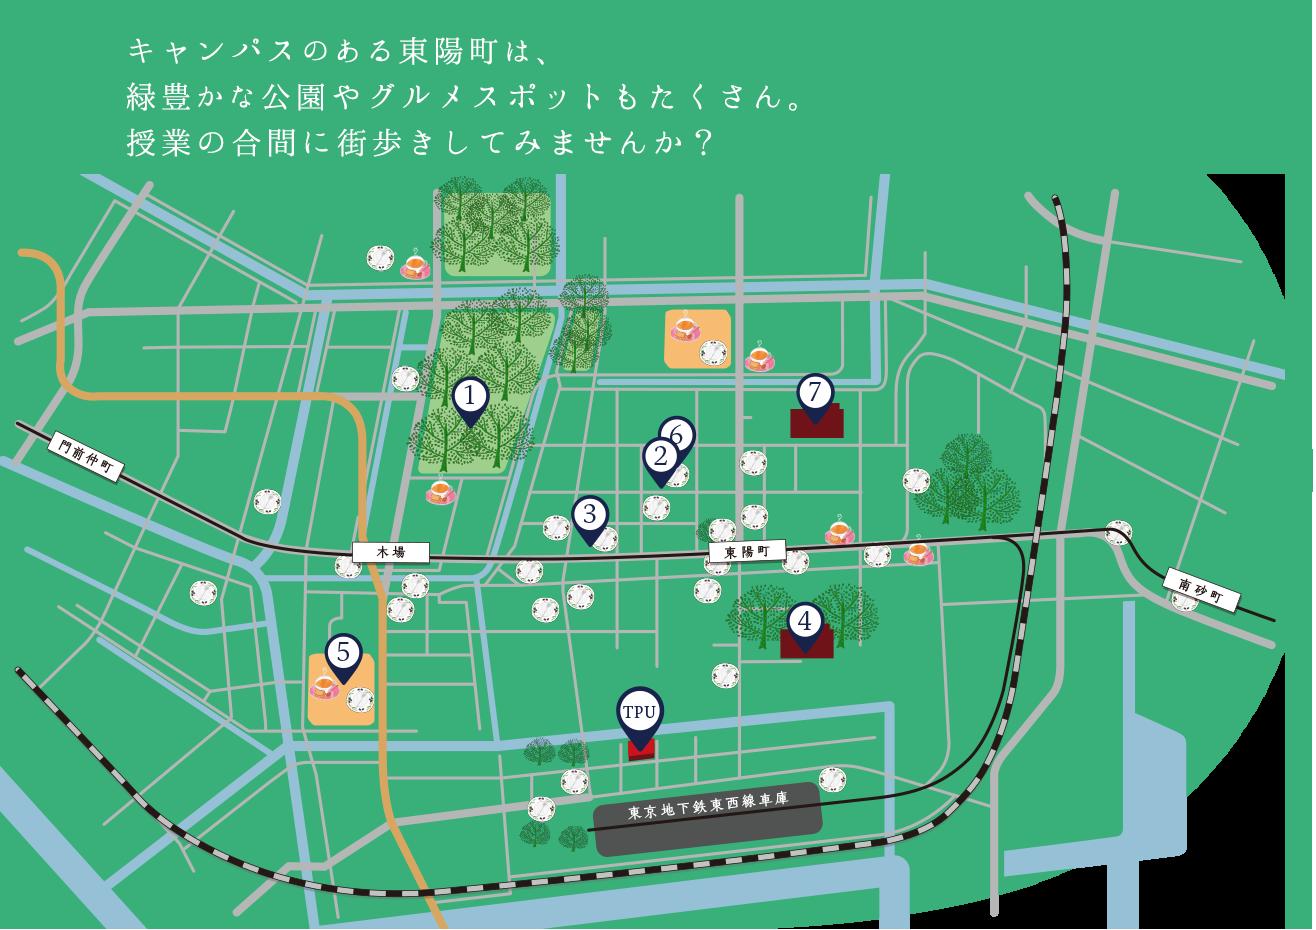 キャンパスのある東陽町は、緑豊かな公園やグルメスポットもたくさん。授業の合間に街歩きしてみませんか?